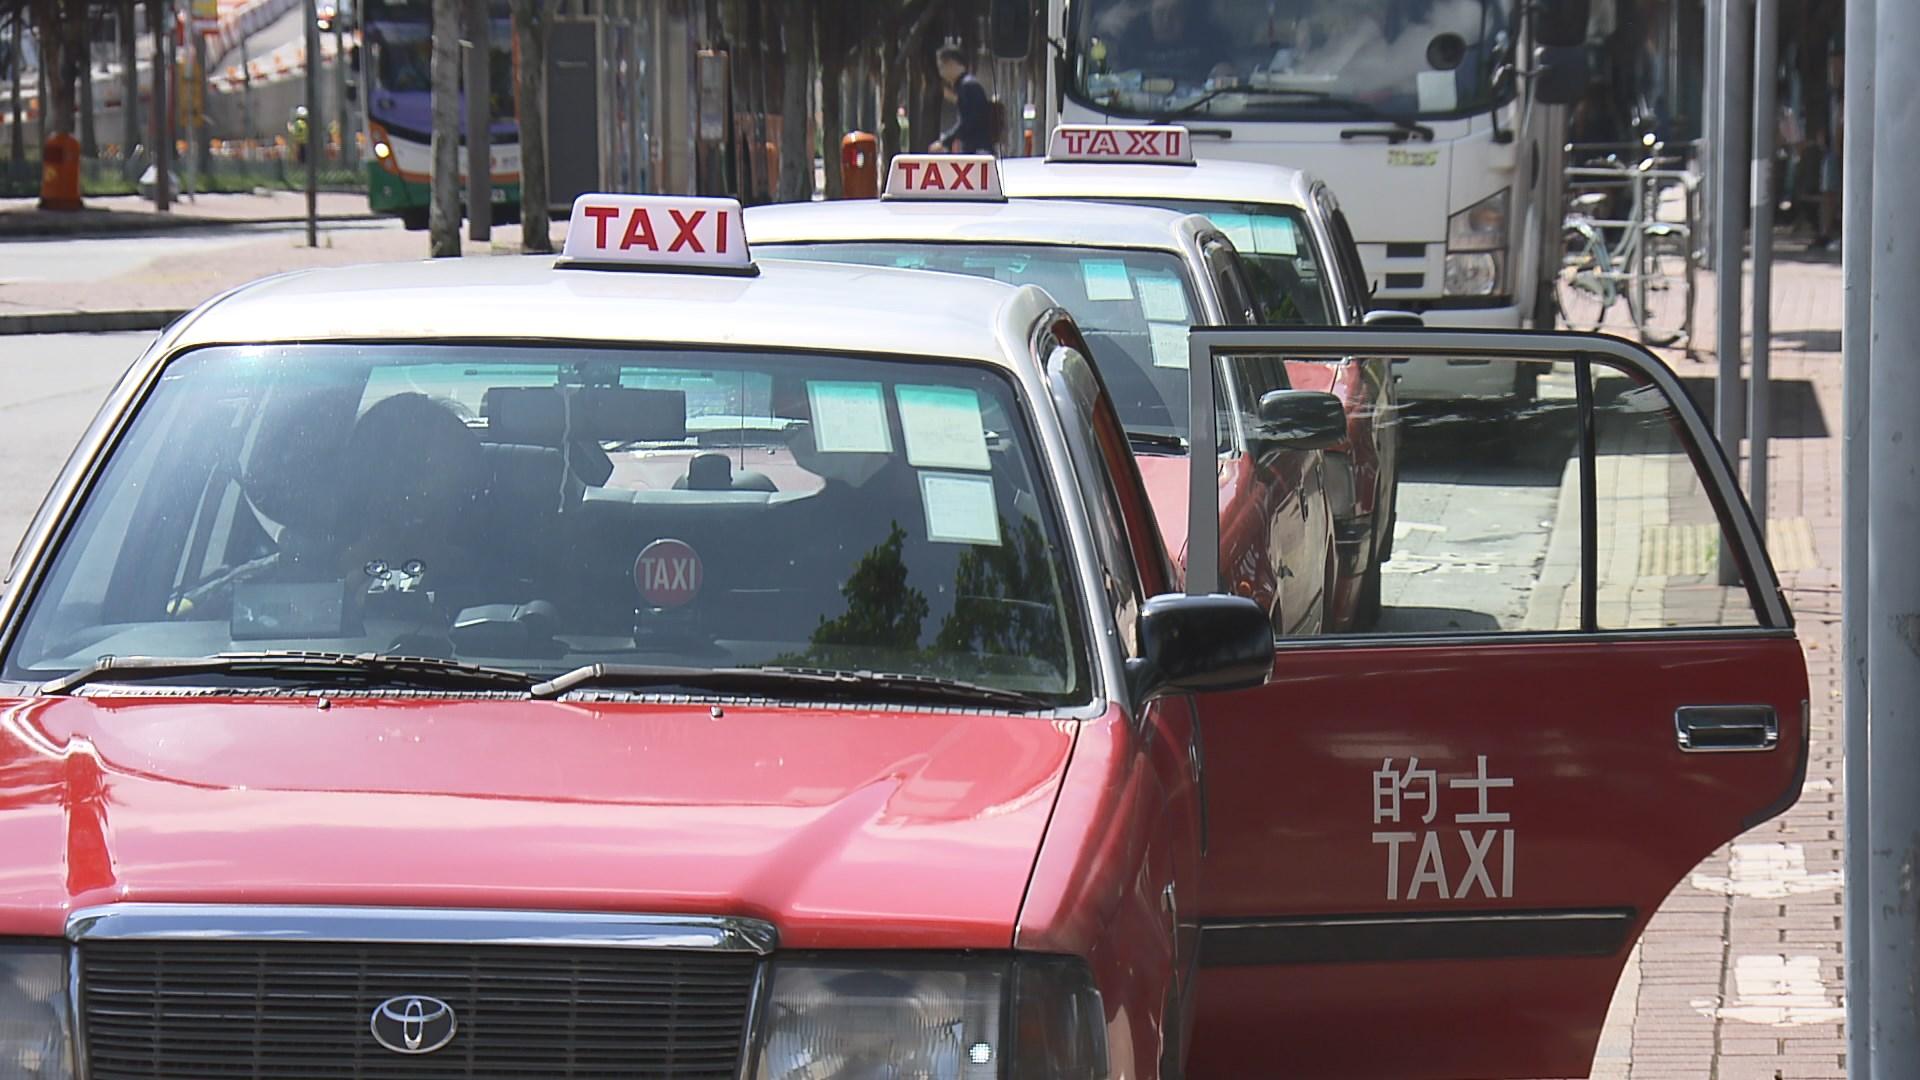 政府引入專營的士 業界批打擊司機生計